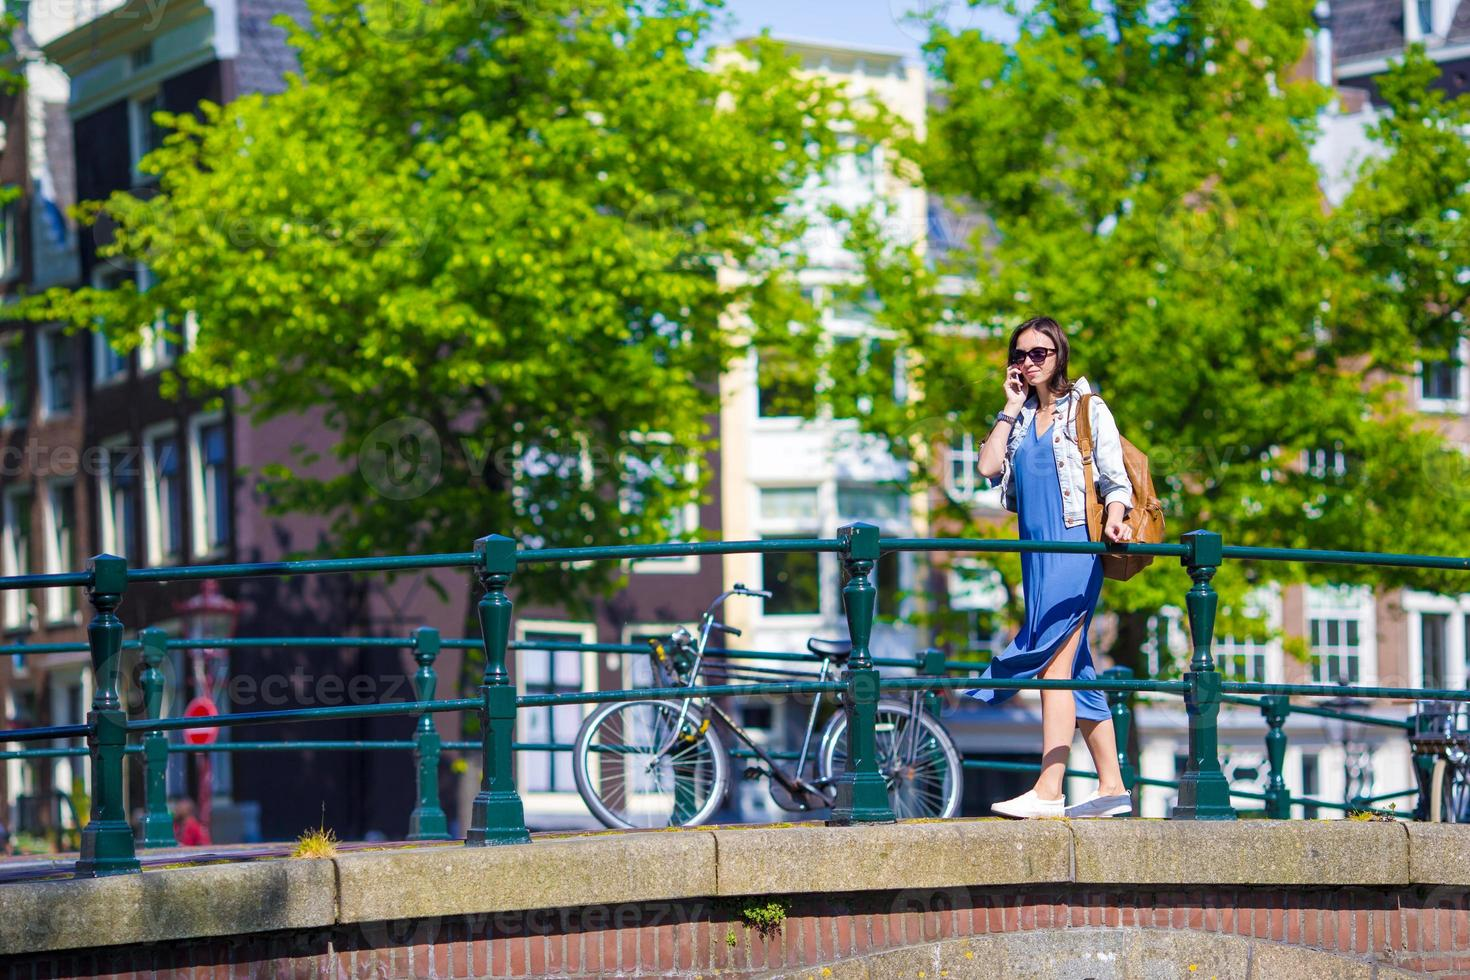 jong Kaukasisch meisje geniet van Europese vakantie in amsterdam, holland foto